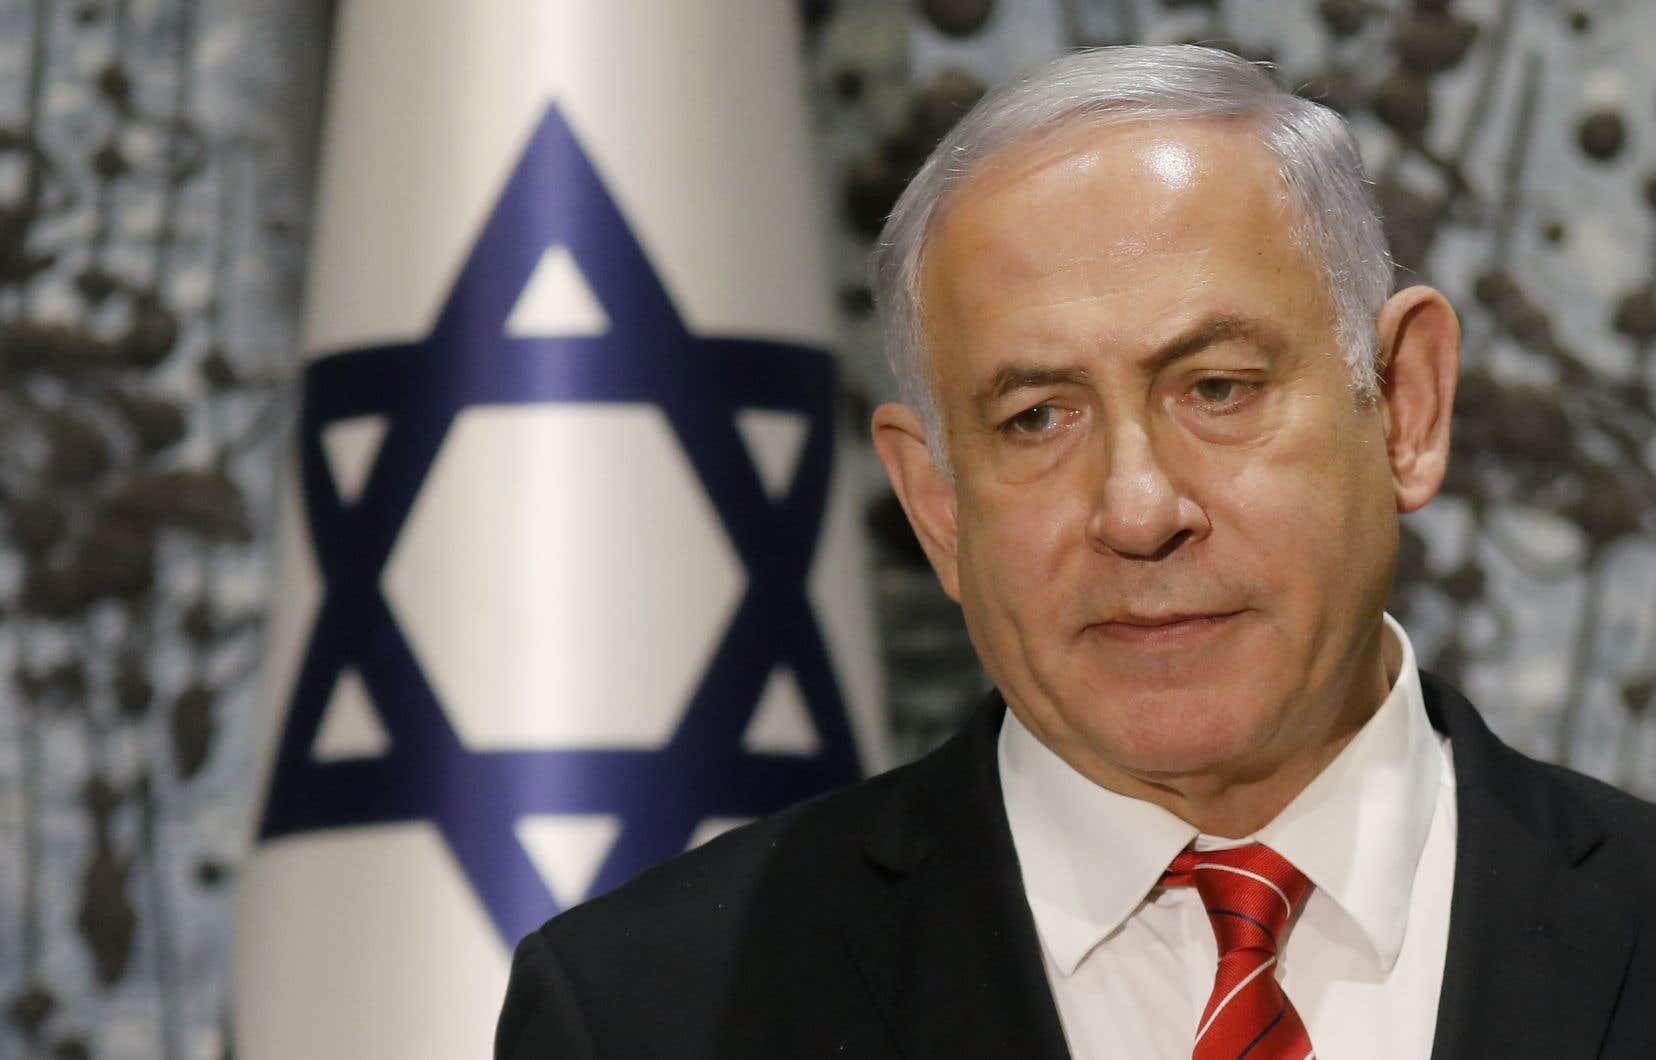 La mission de Benjamin Nétanyahou sera de rallier au moins 61 députés pour atteindre le seuil de la majorité à la Knesset, le Parlement israélien.